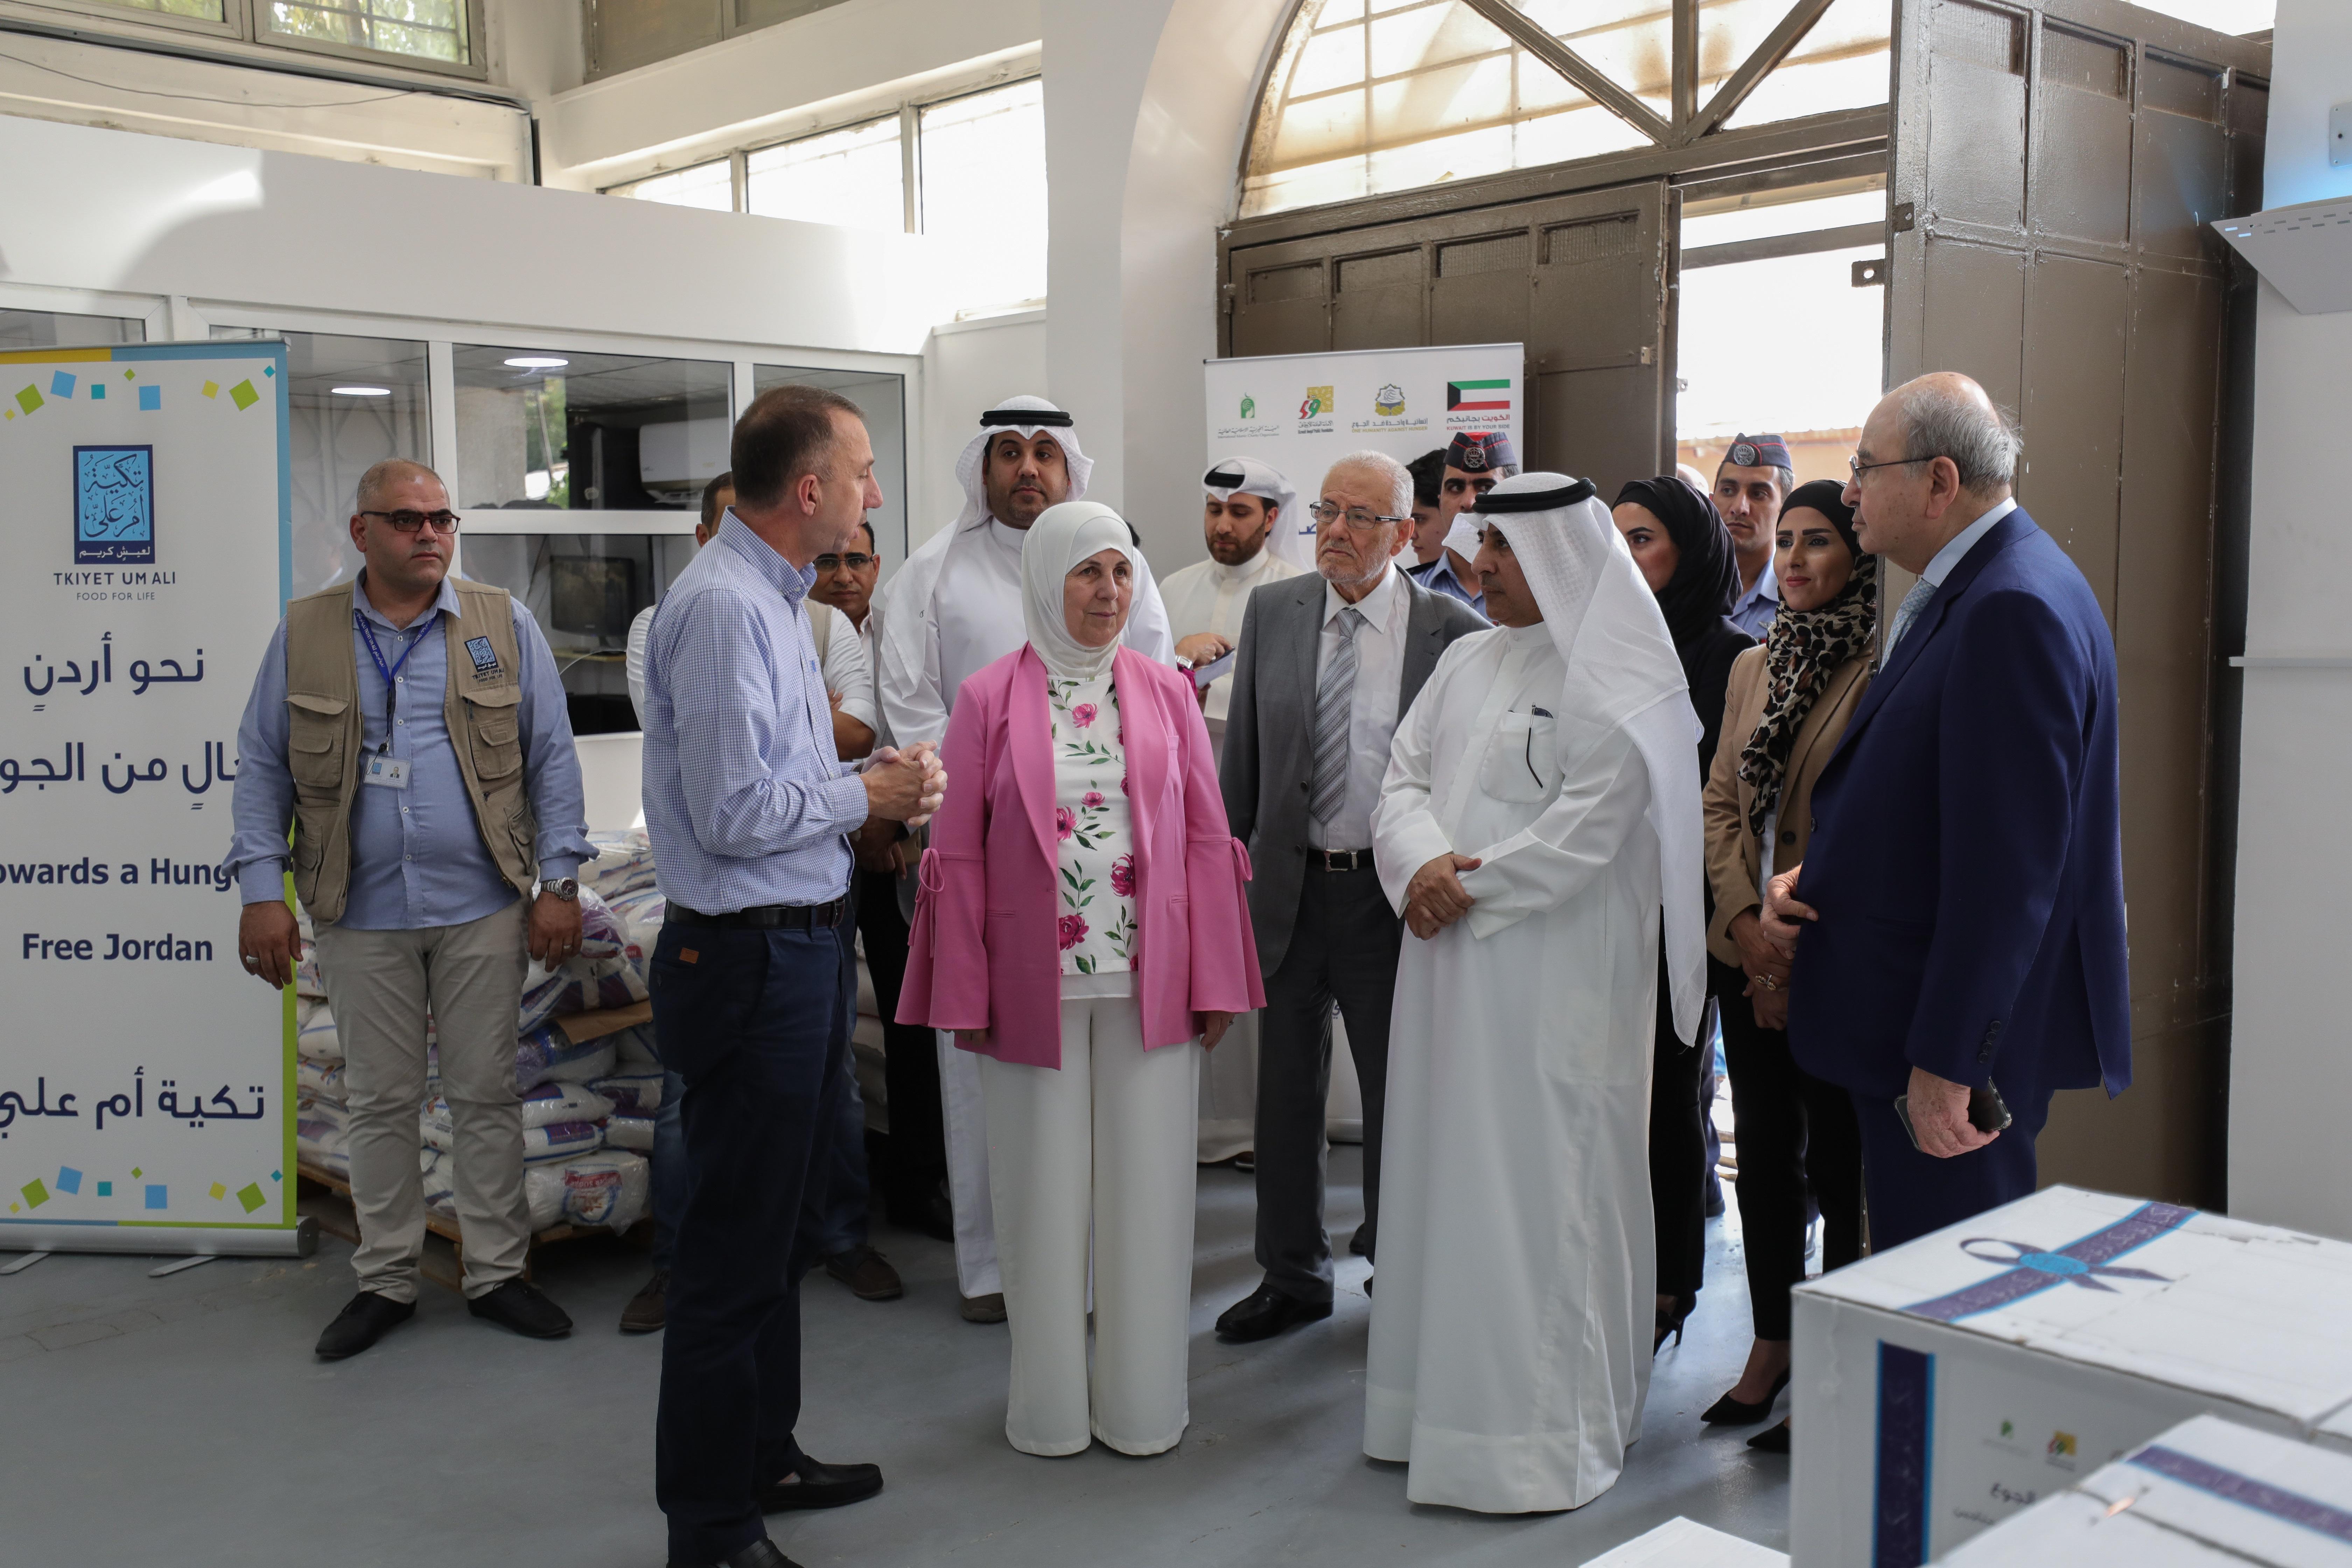 الهيئة الخيرية الإسلامية العالمية- الكويت-  تمد جسور التعاون مع تكية أم علي ..  صورة